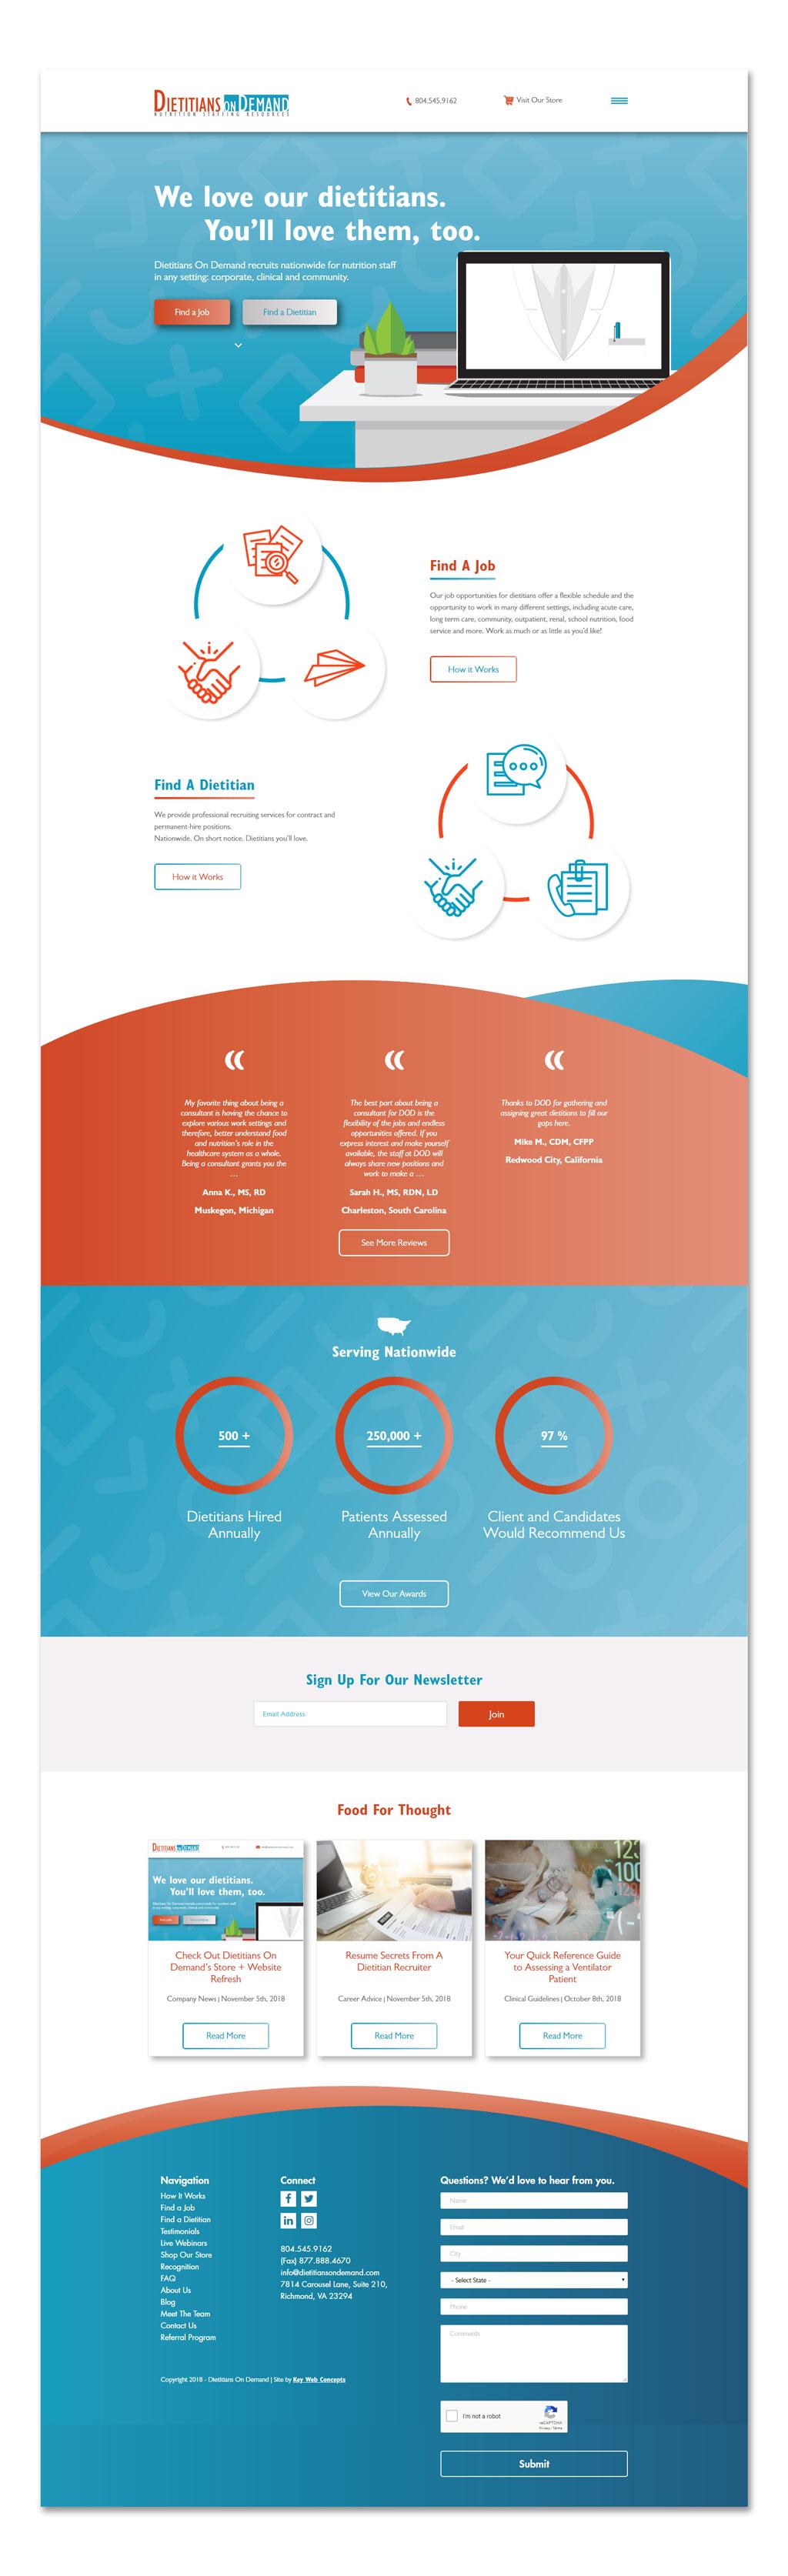 dietitians on demand richmond va key web concepts